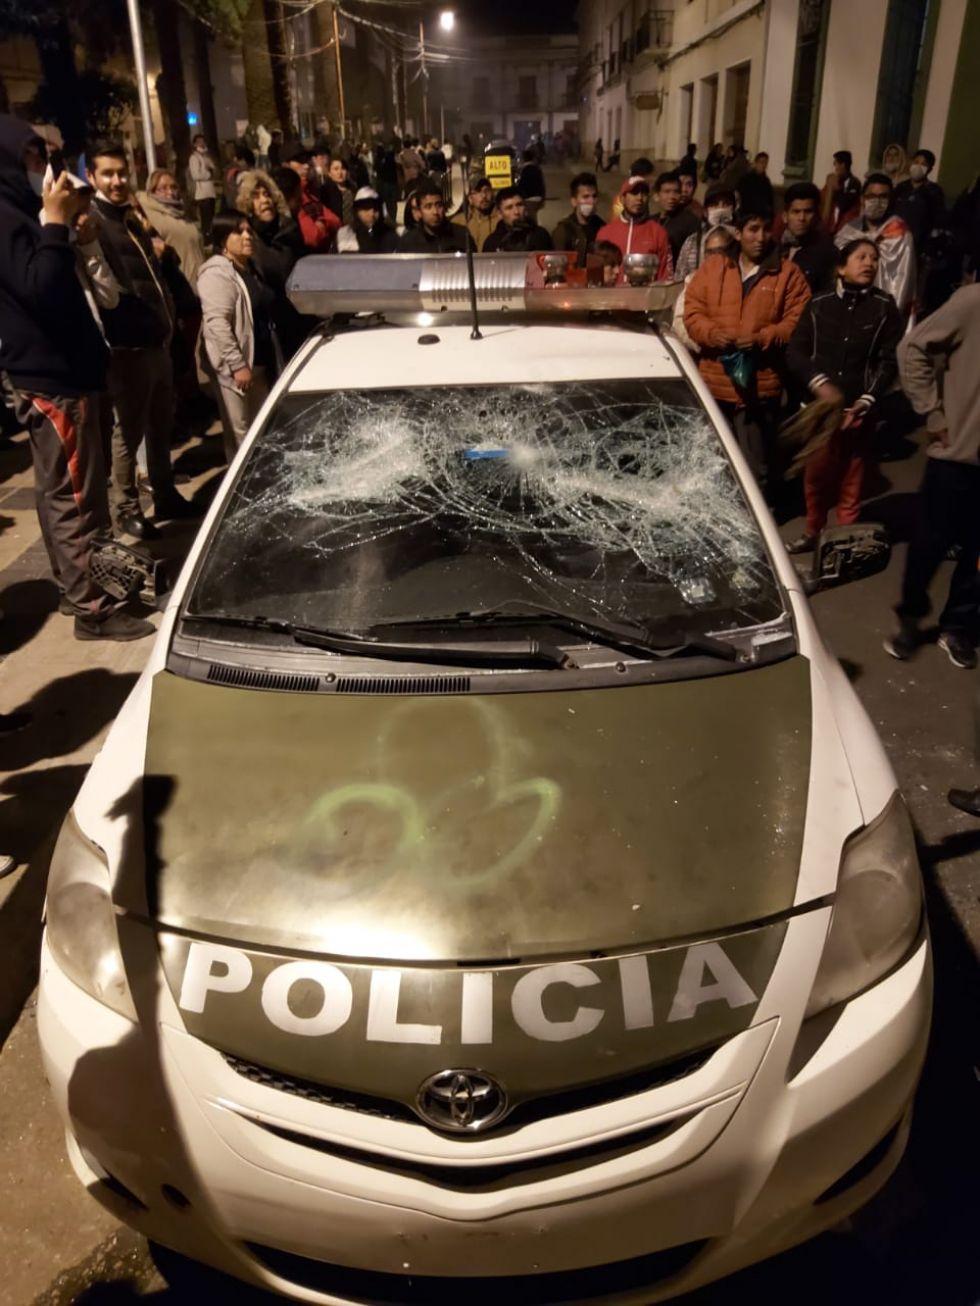 Vehículo oficial de la Policía atacado en la plaza Zudáñez.